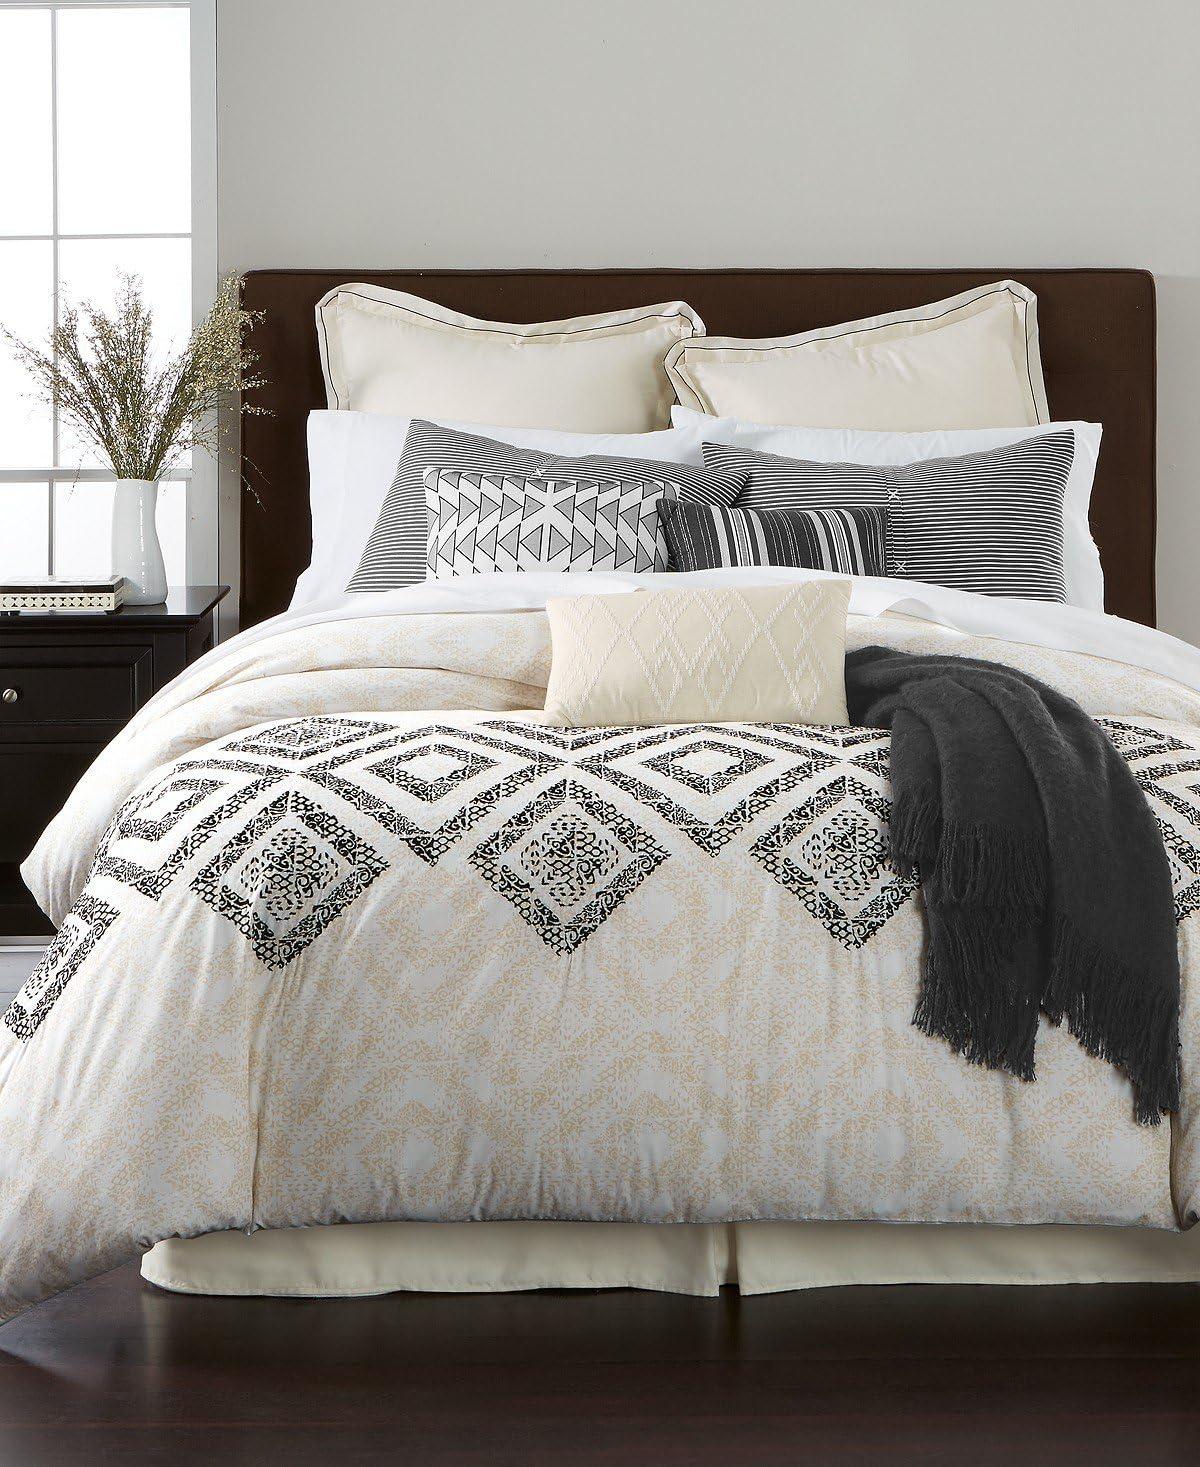 Martha Stewart Rough Diamond 10-Piece QUEEN Comforter Set White Black